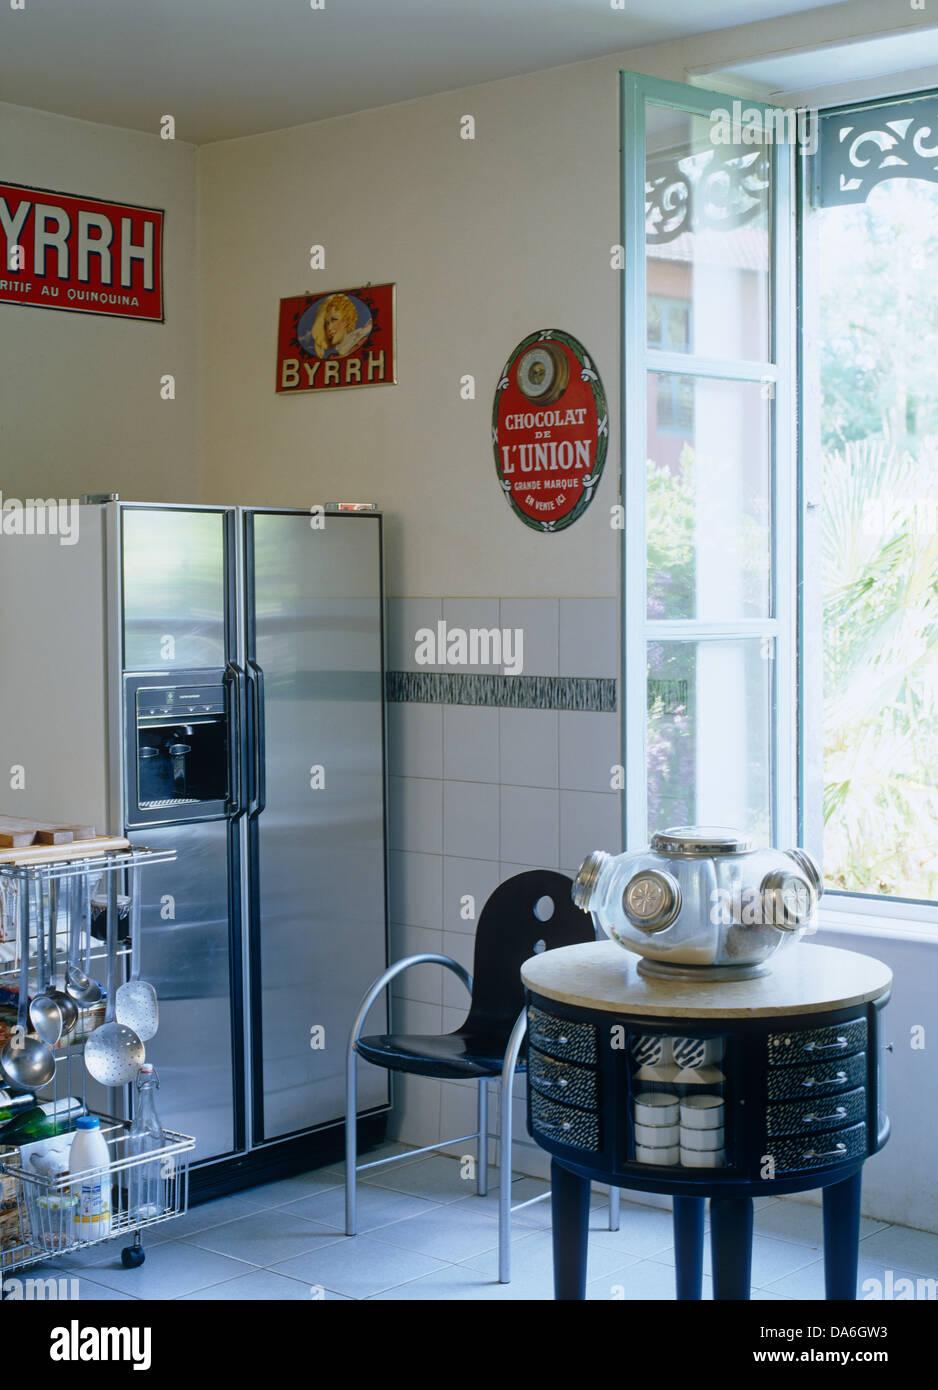 Edelstahl Speisekammer Kühlschrank in der Ecke der modernen ...